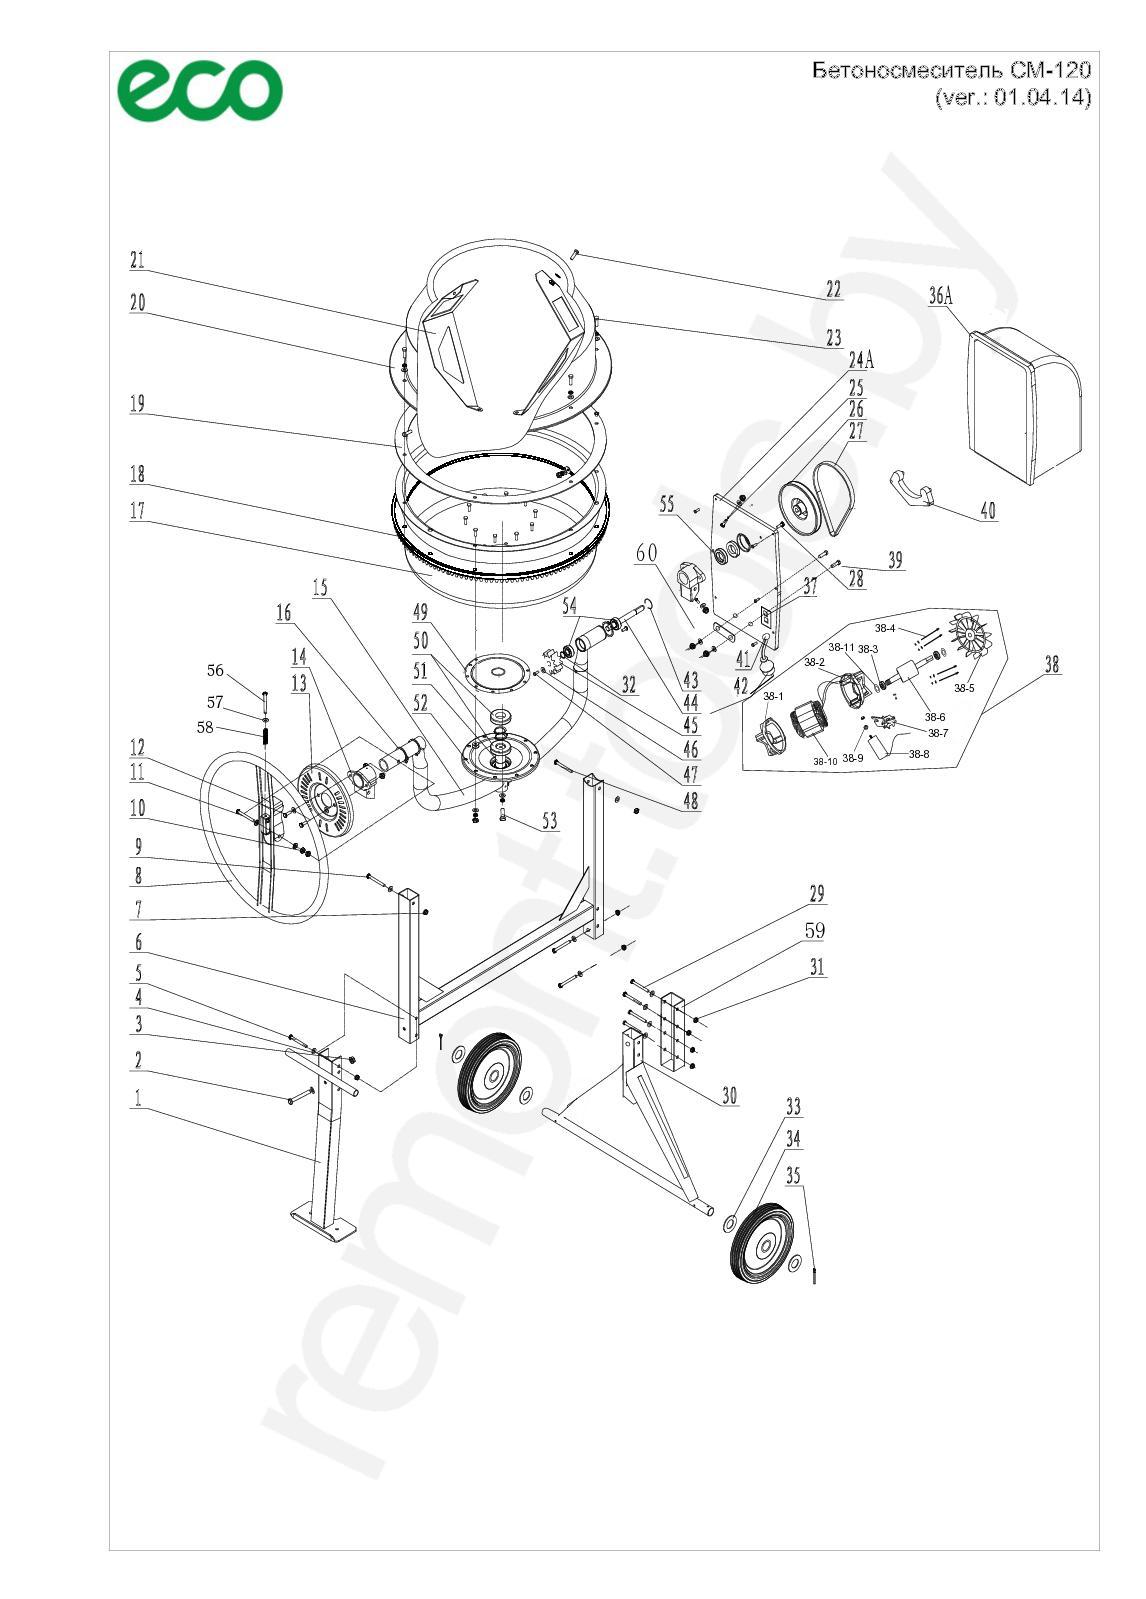 Eco Бетоносмеситель Cm120 (Ver 01 04 14)